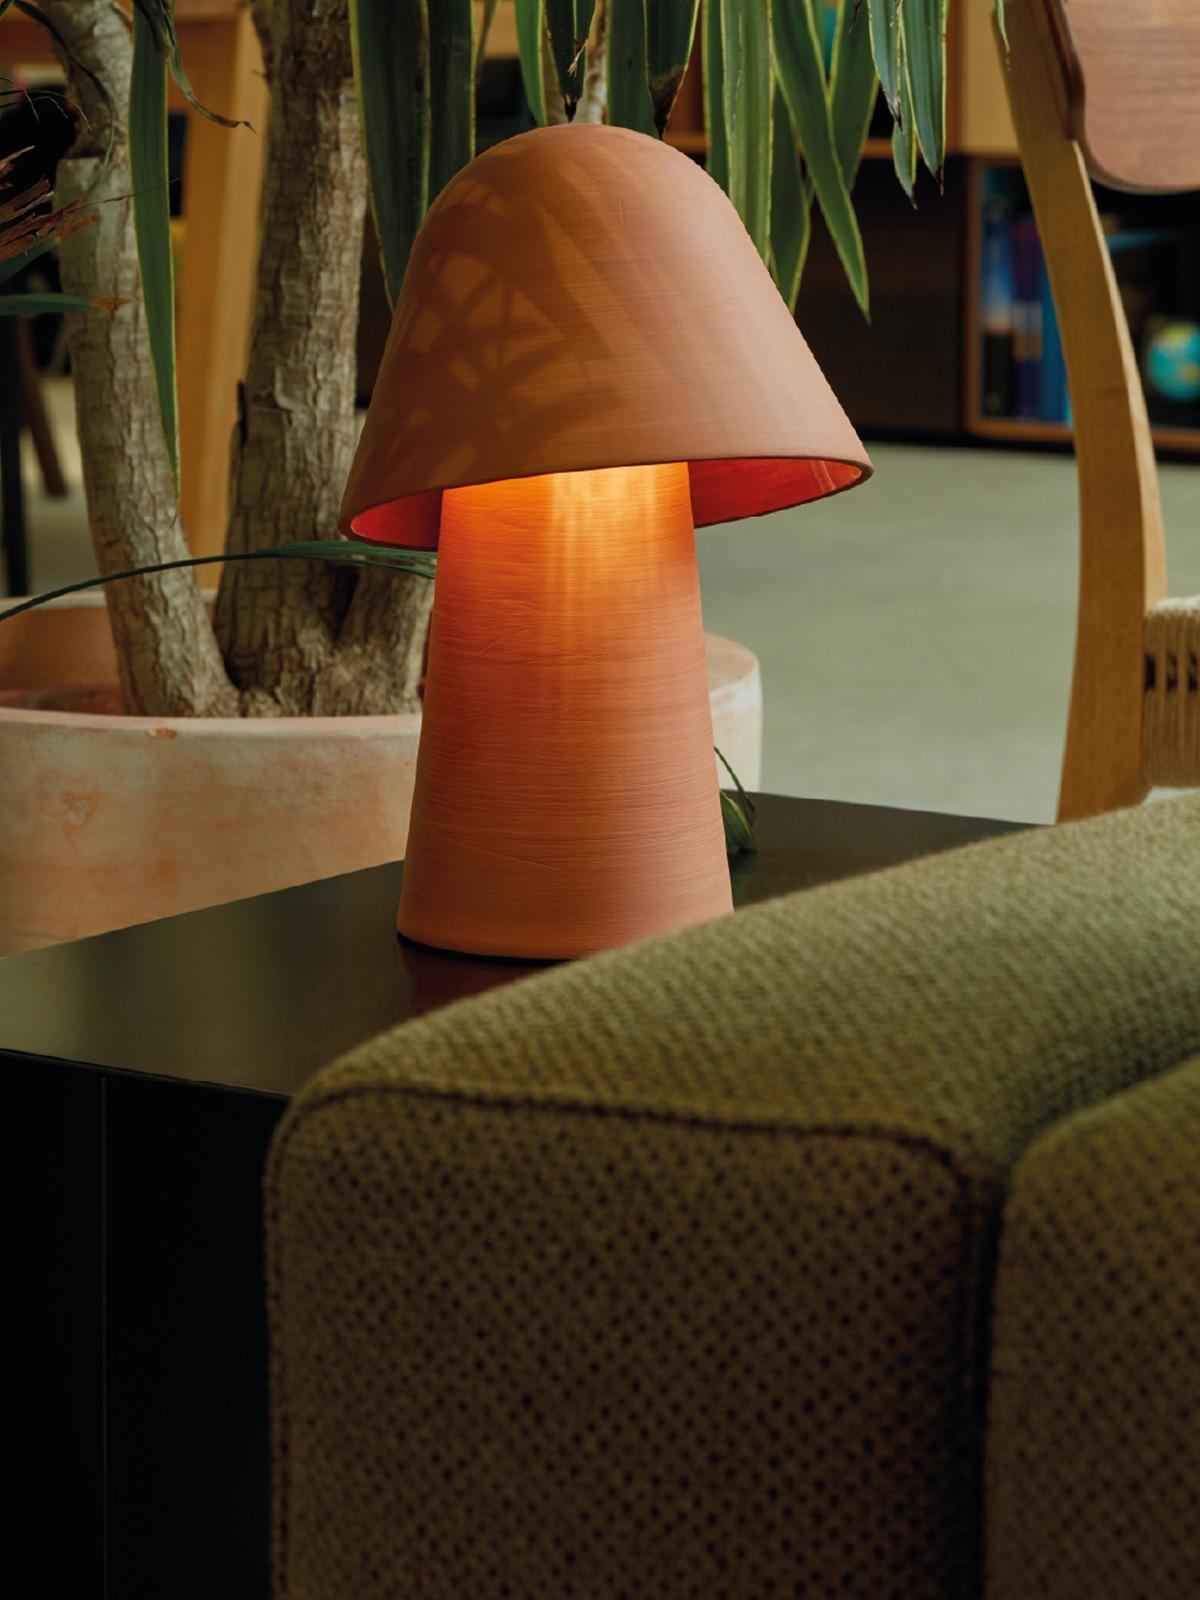 Okina Table Tischlampe aus Keramik Pott Designort Lampen Onlineshop Berlin